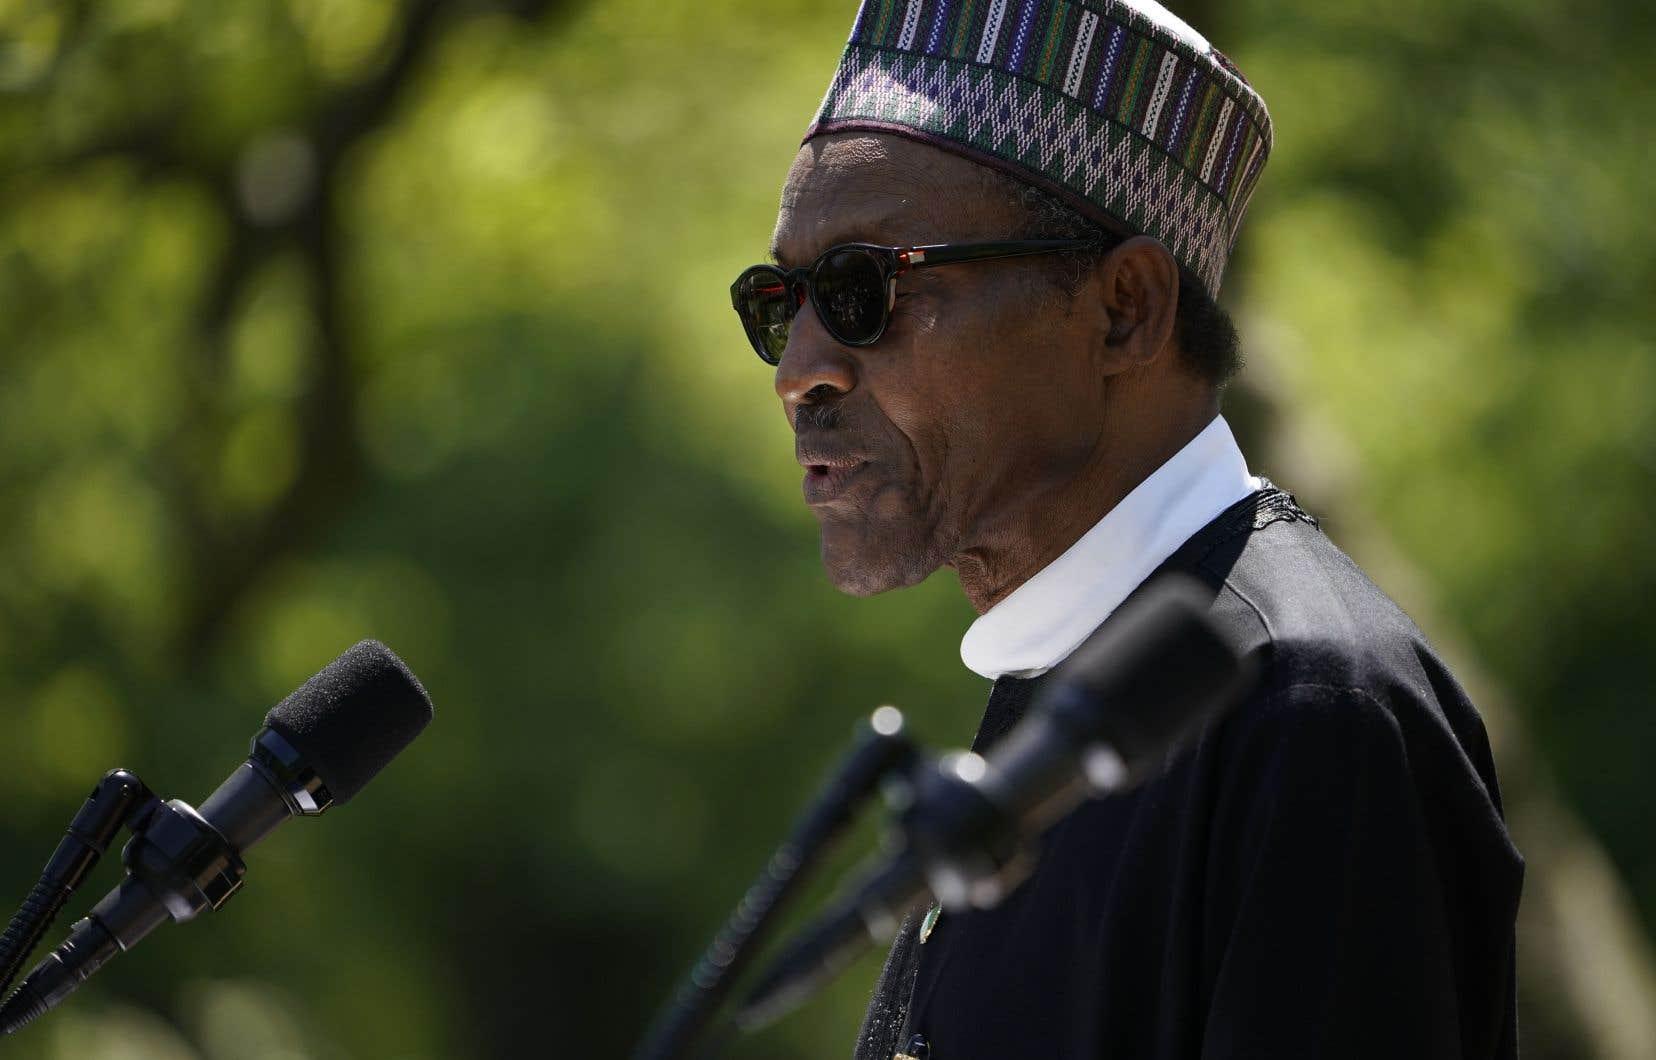 La lutte contre le mouvement djihadiste a été au coeur de la rencontre entre le président nigérian, Muhammadu Buhari, et Donald Trump.